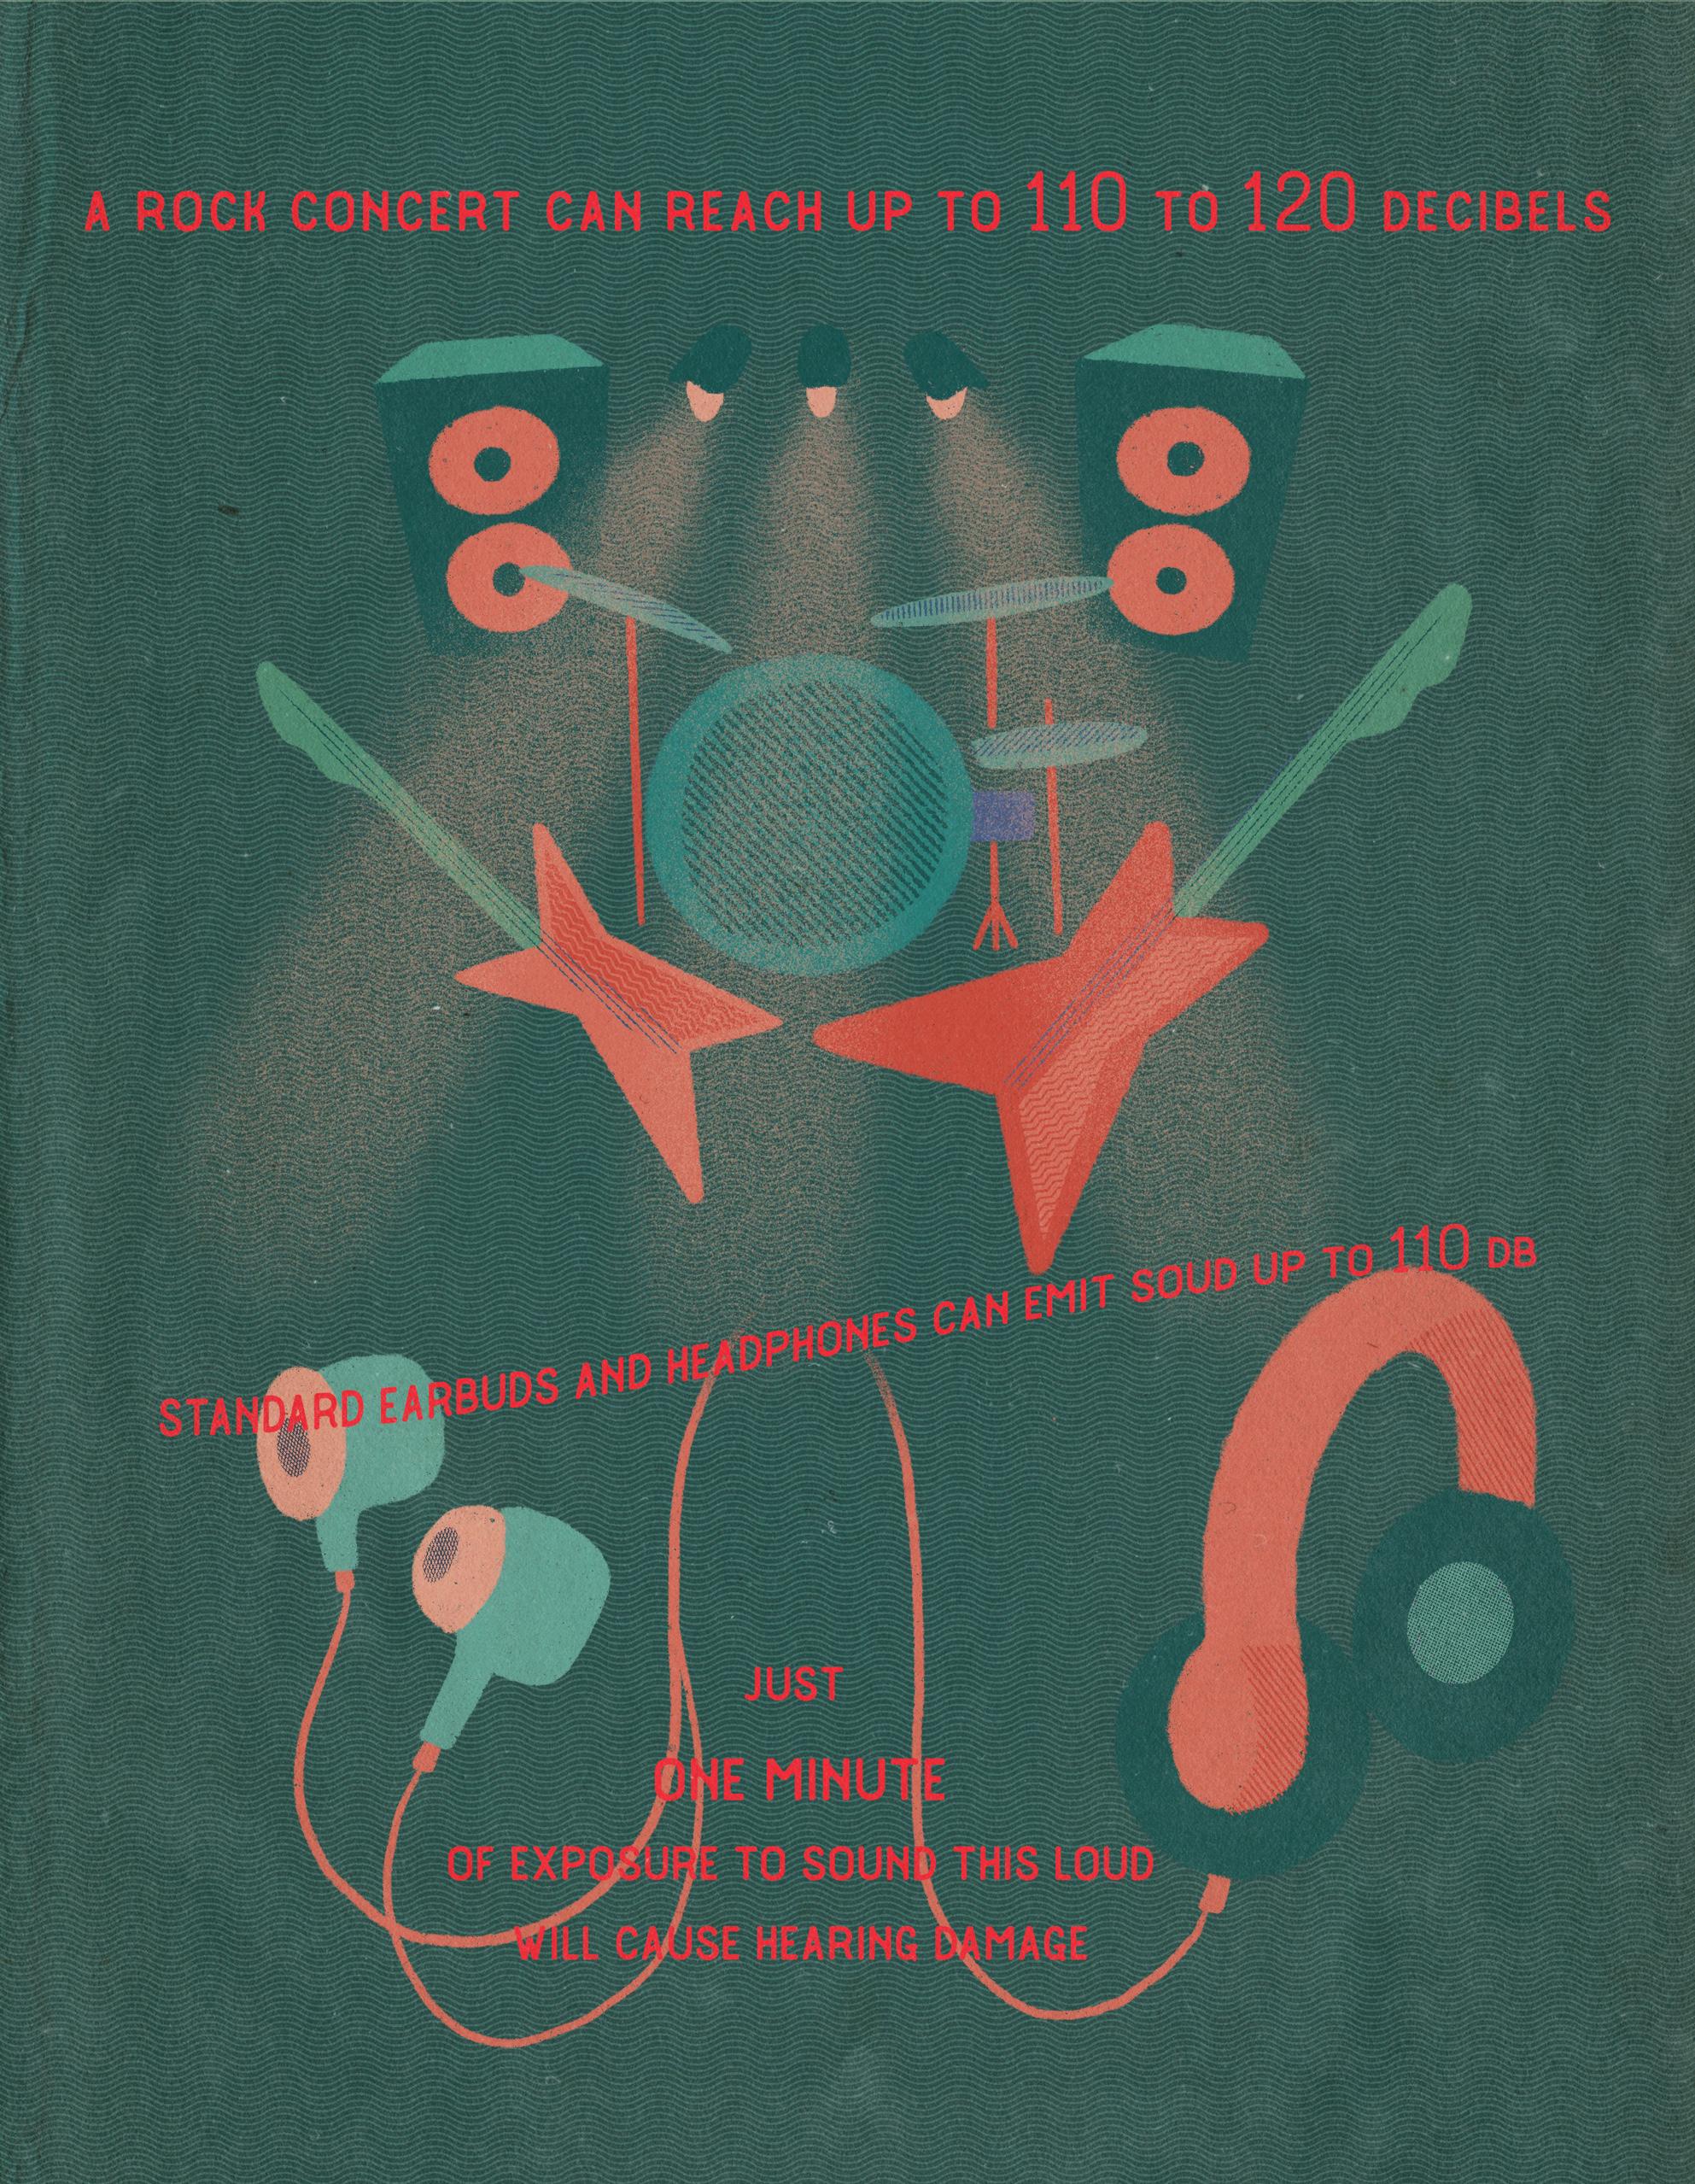 rock concert on paper.jpg